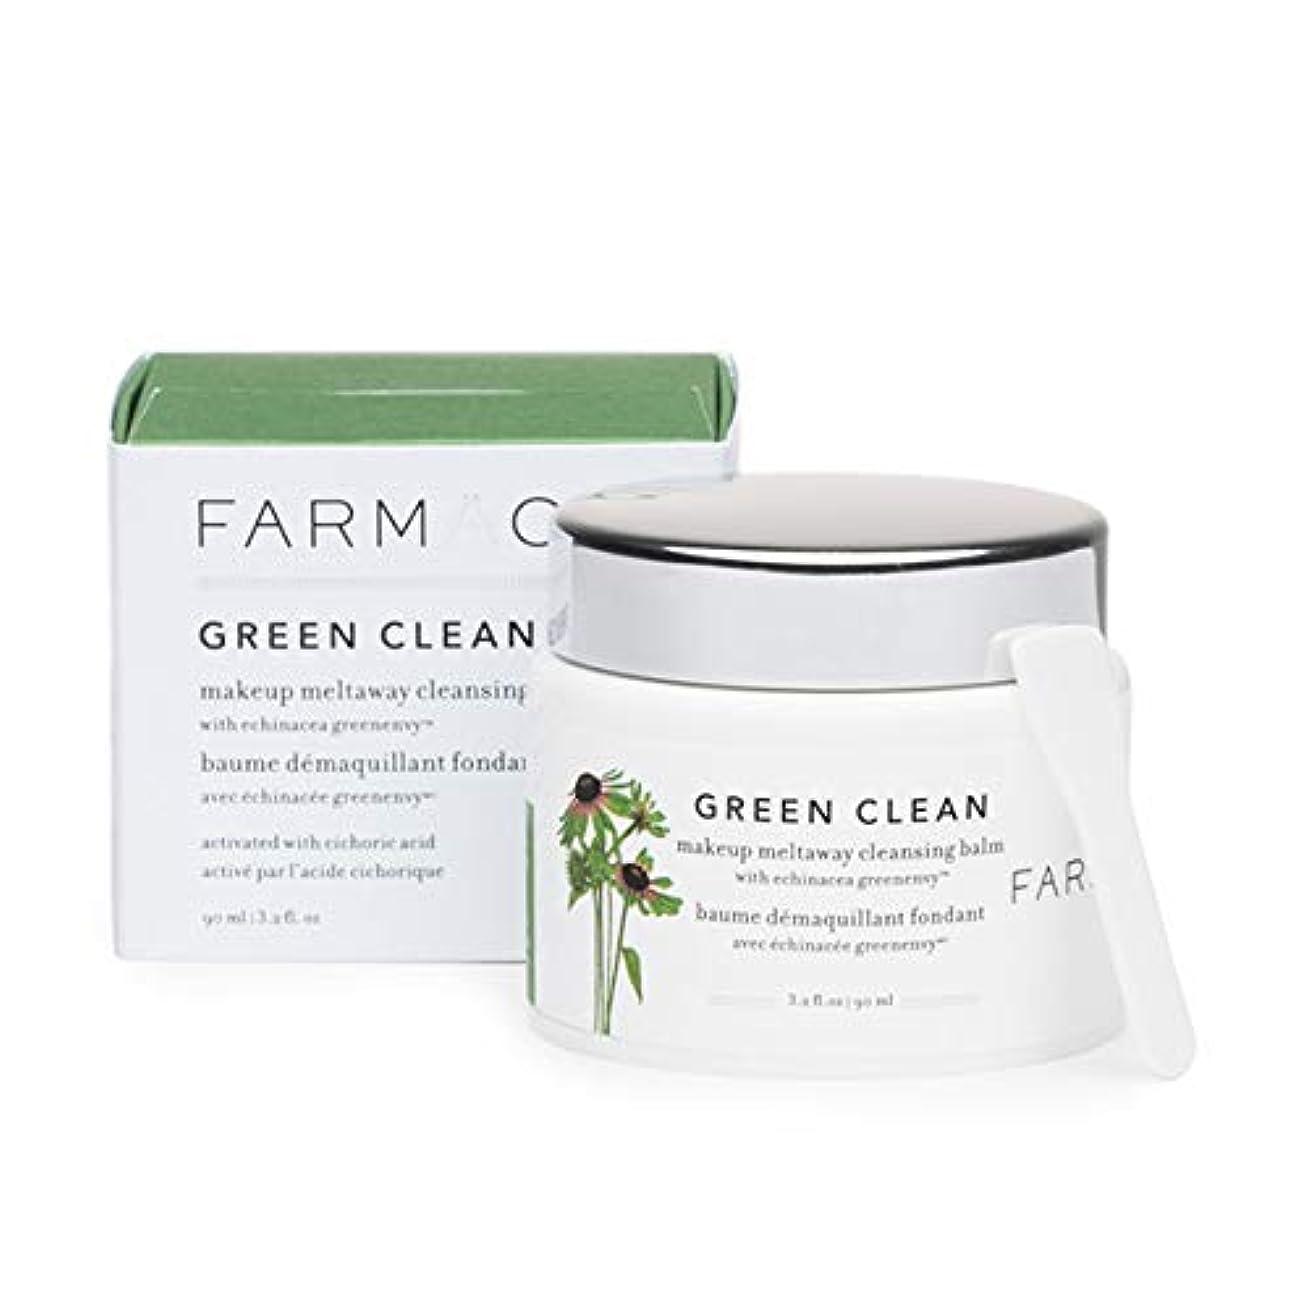 ウォーターフロント予約マッシュ[FARMACY] GREEN CLEAN 90ml / ファーマシーグリーンクリーン 90ml [並行輸入品]